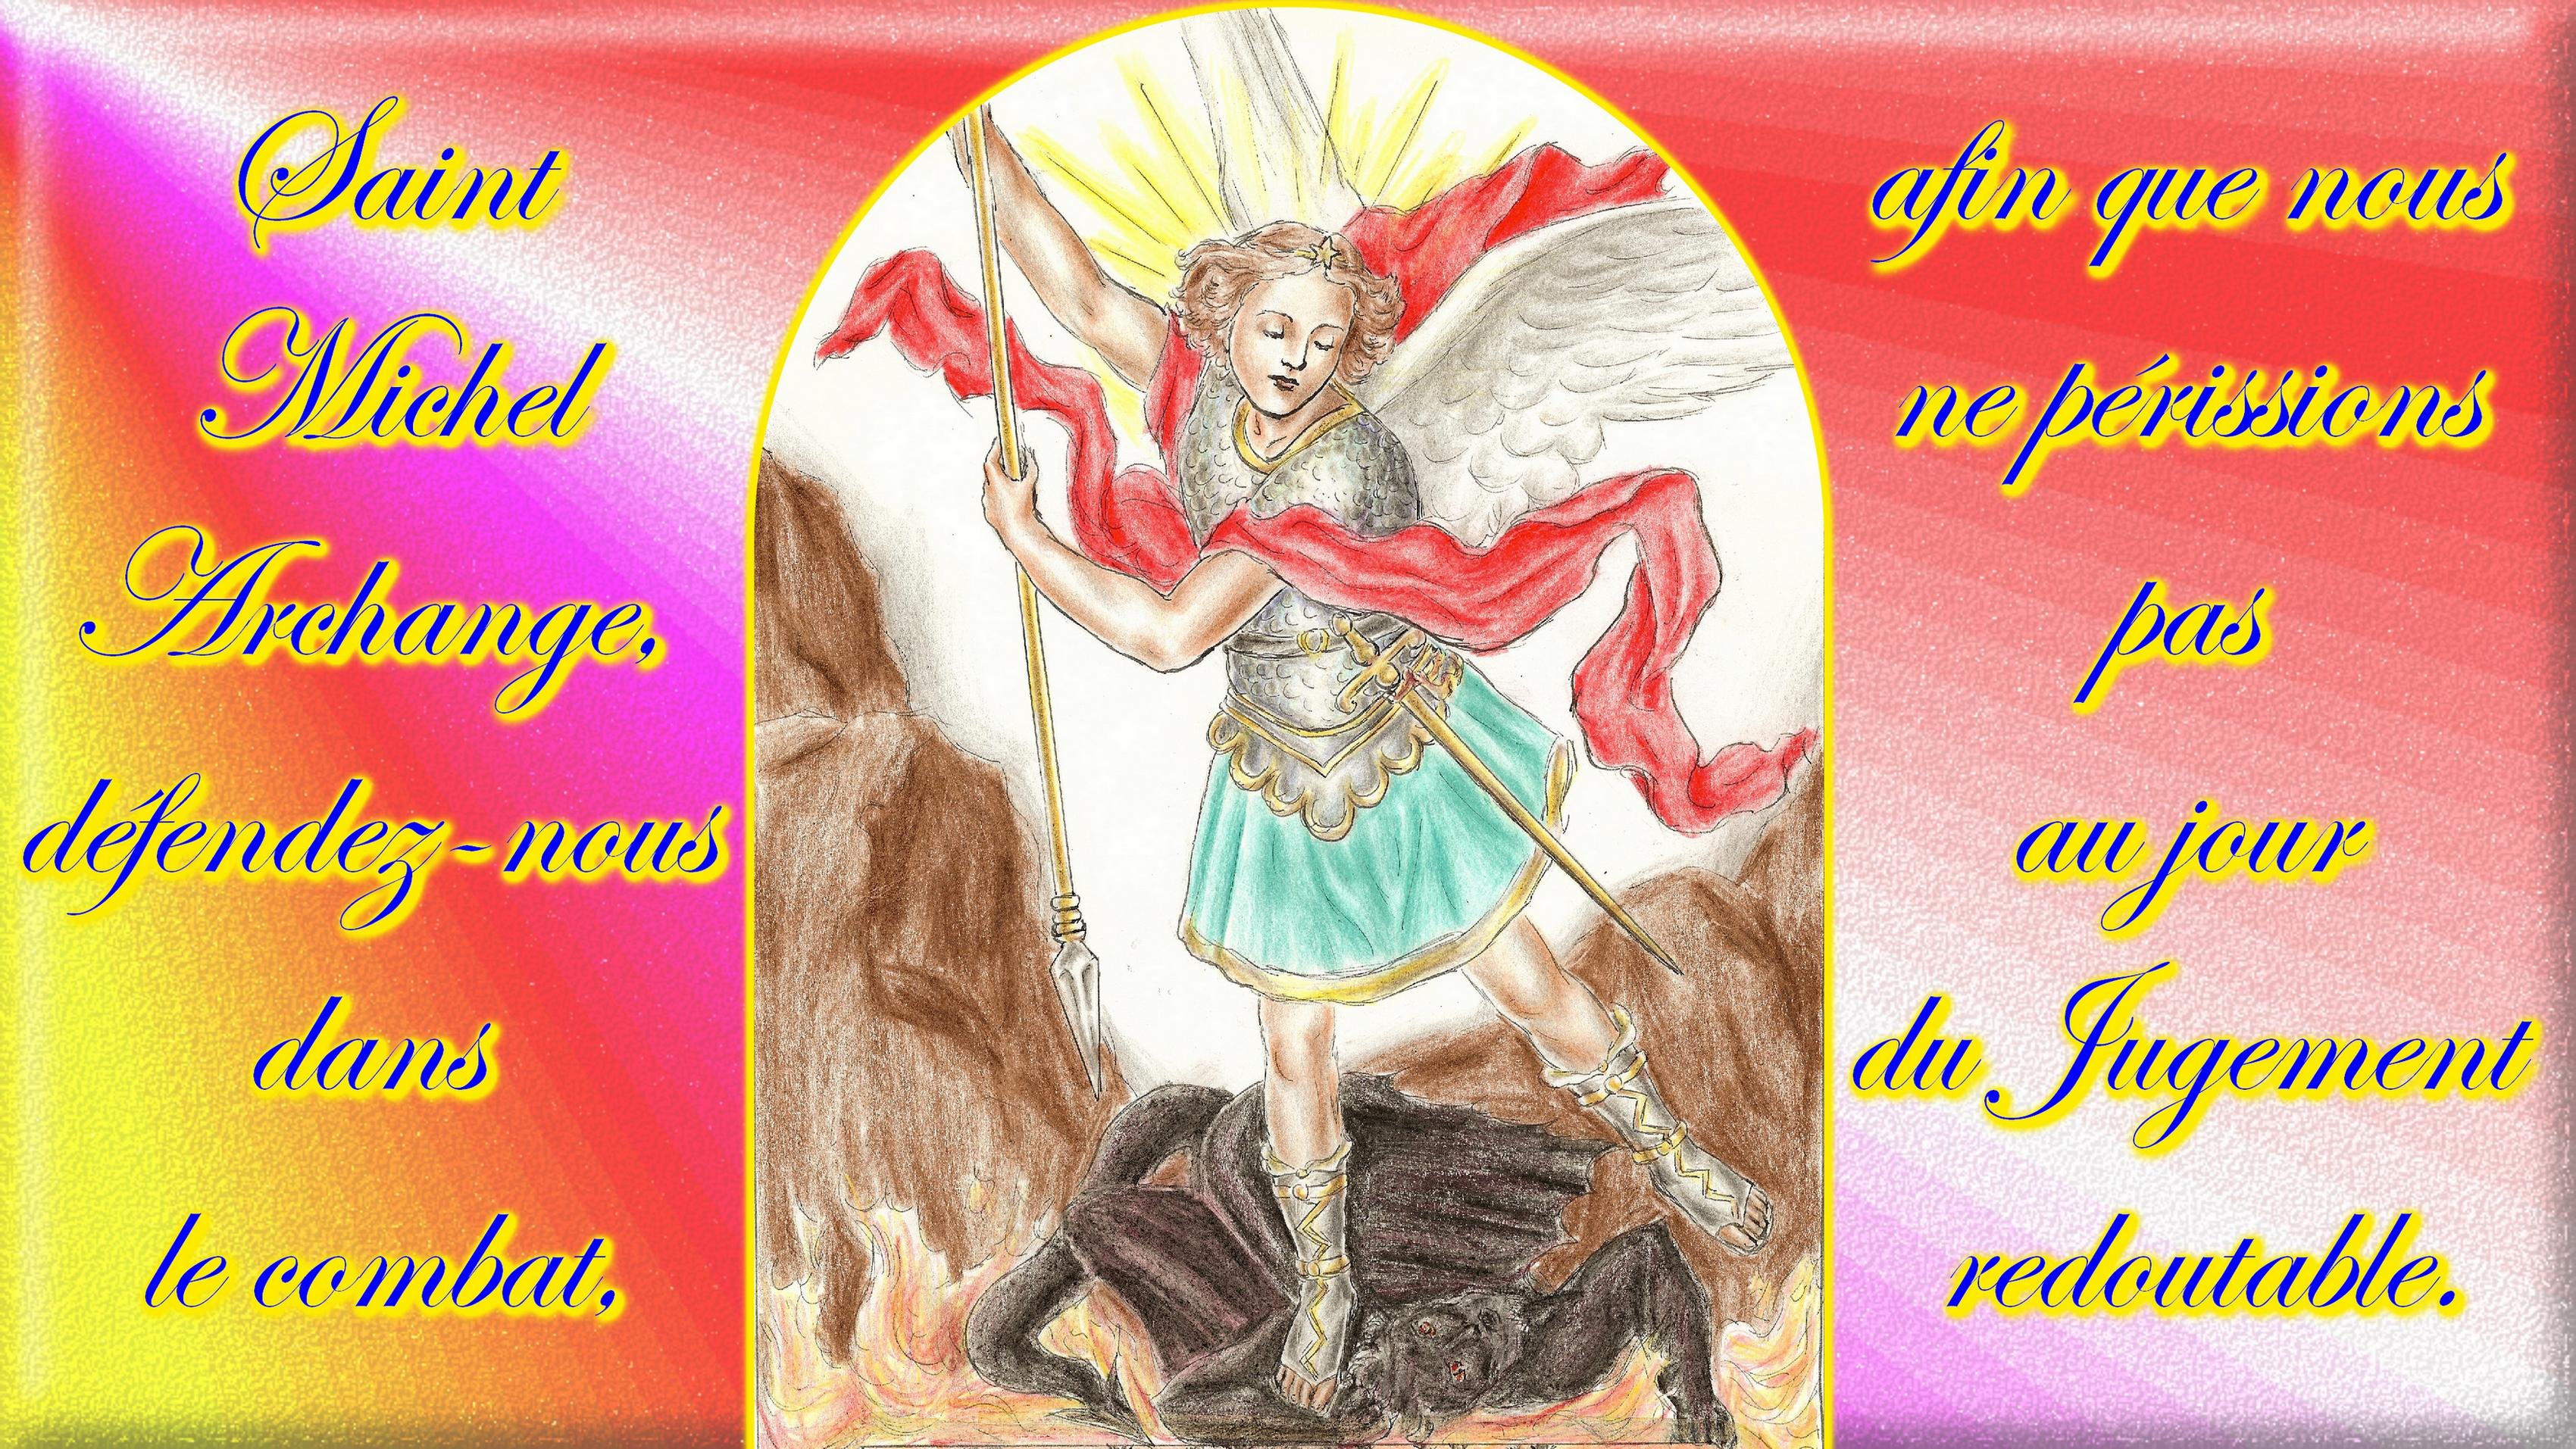 CALENDRIER CATHOLIQUE 2019 (Cantiques, Prières & Images) - Page 10 St-michel-archang...-combat.-569cf5e